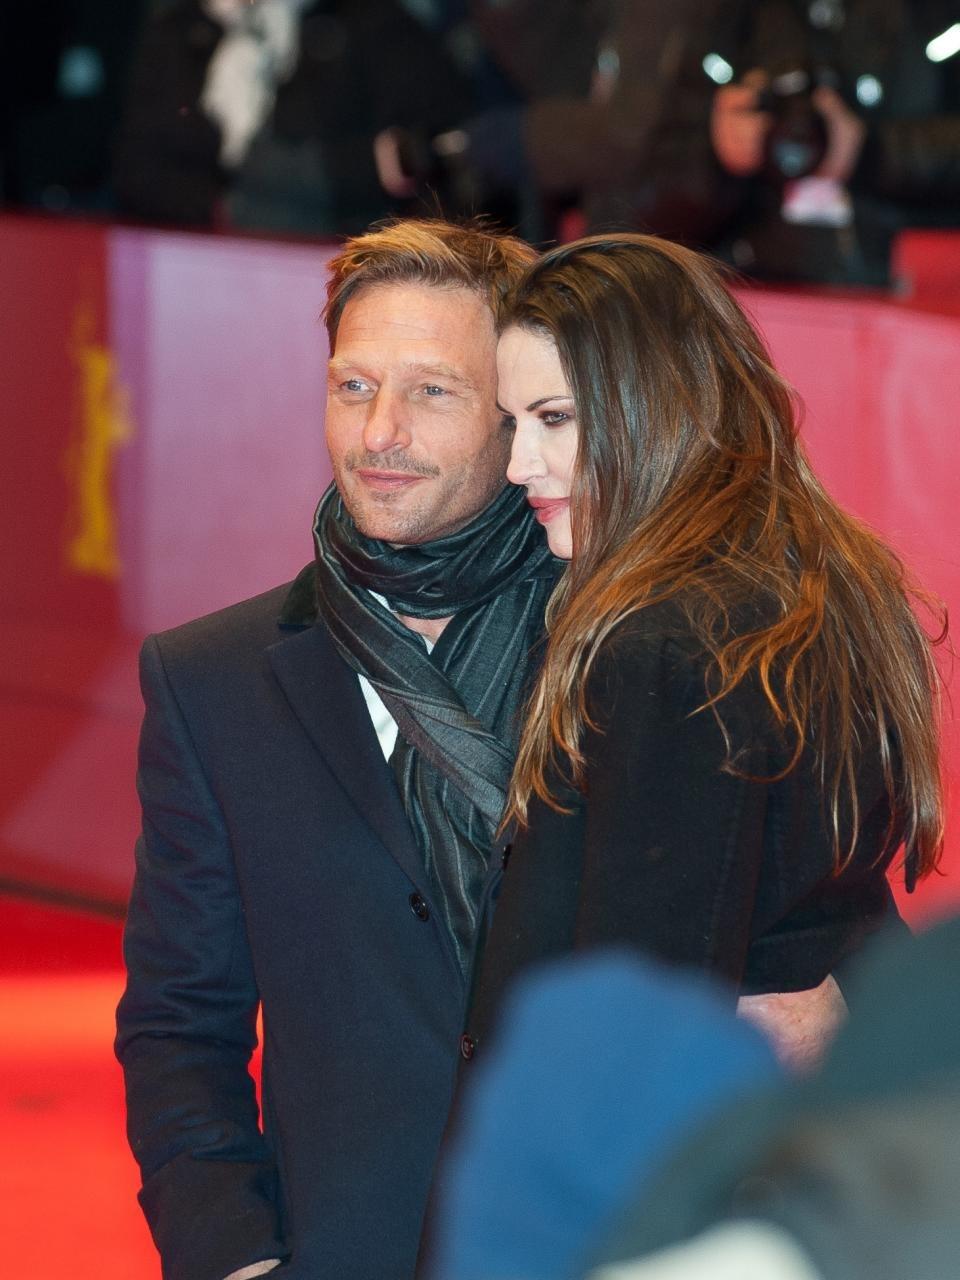 Thomas Kretschmann (Berlinale 2012)